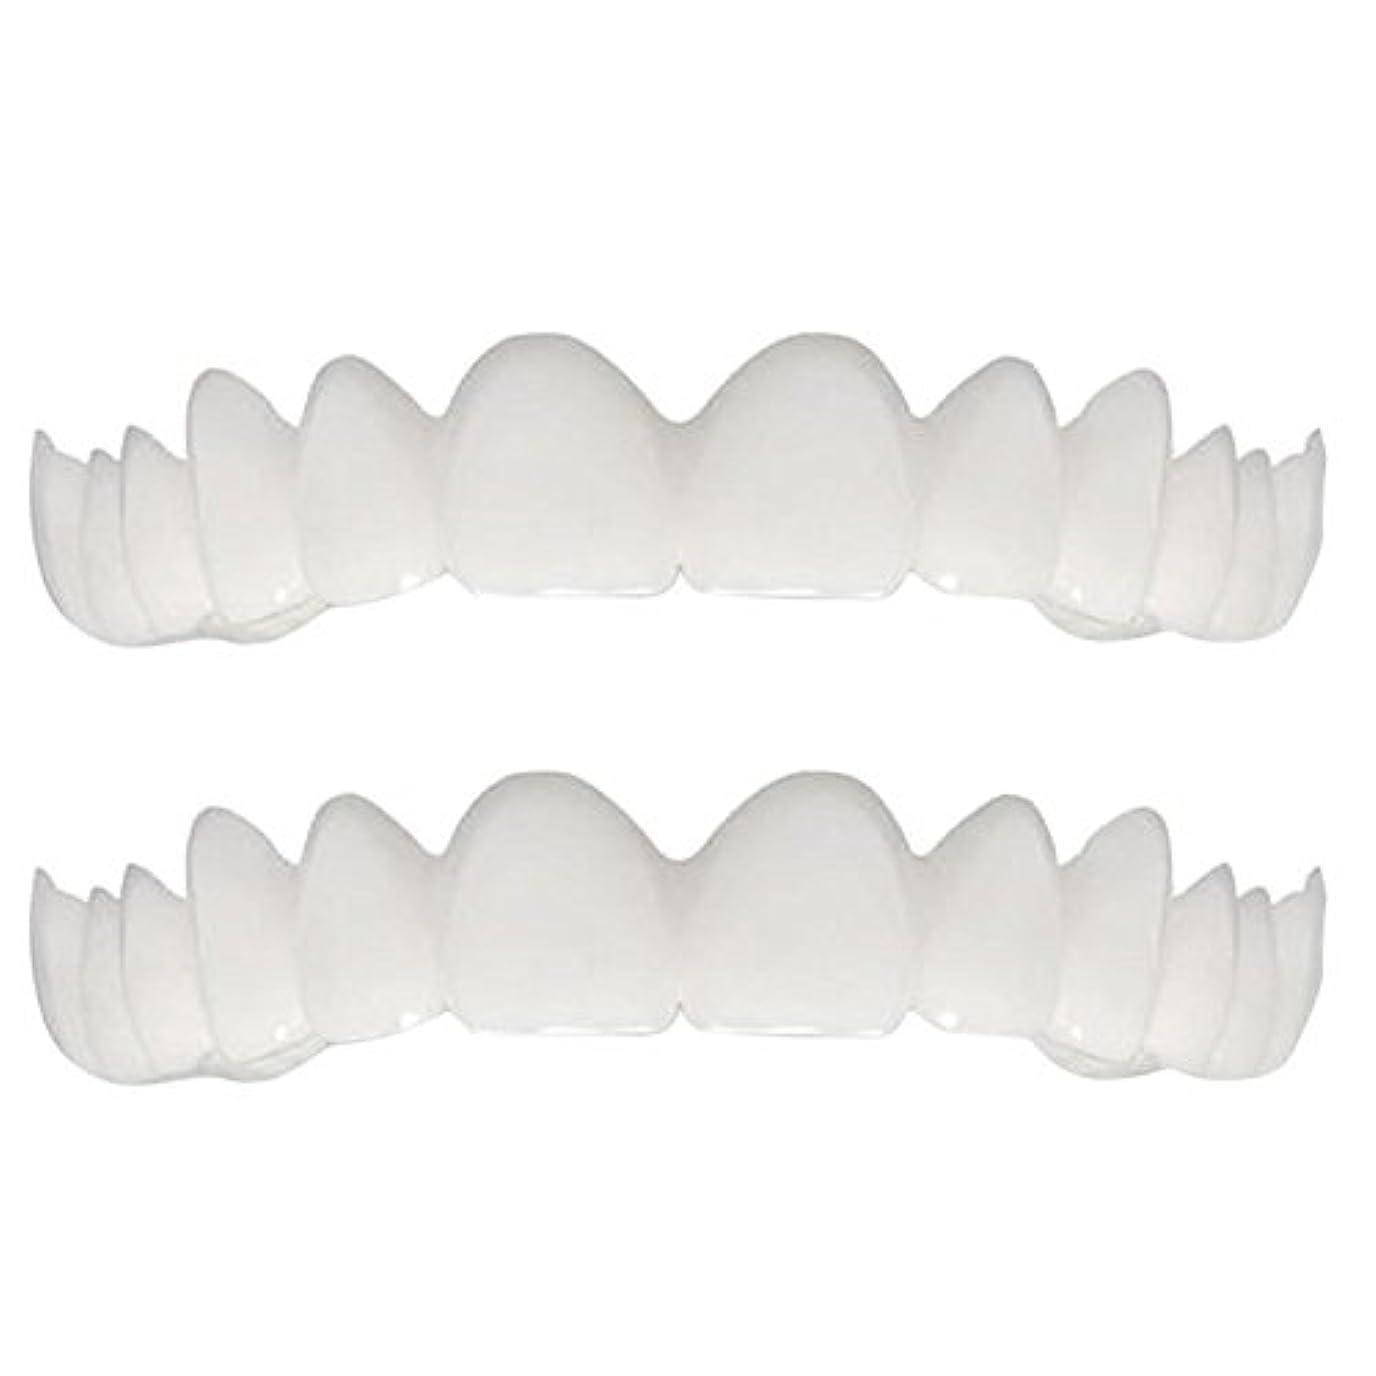 重量賛美歌色合い柔らかい歯の義歯を装着したシリコンシミュレーションの上下の義歯ブレース(1セット),Colorbox